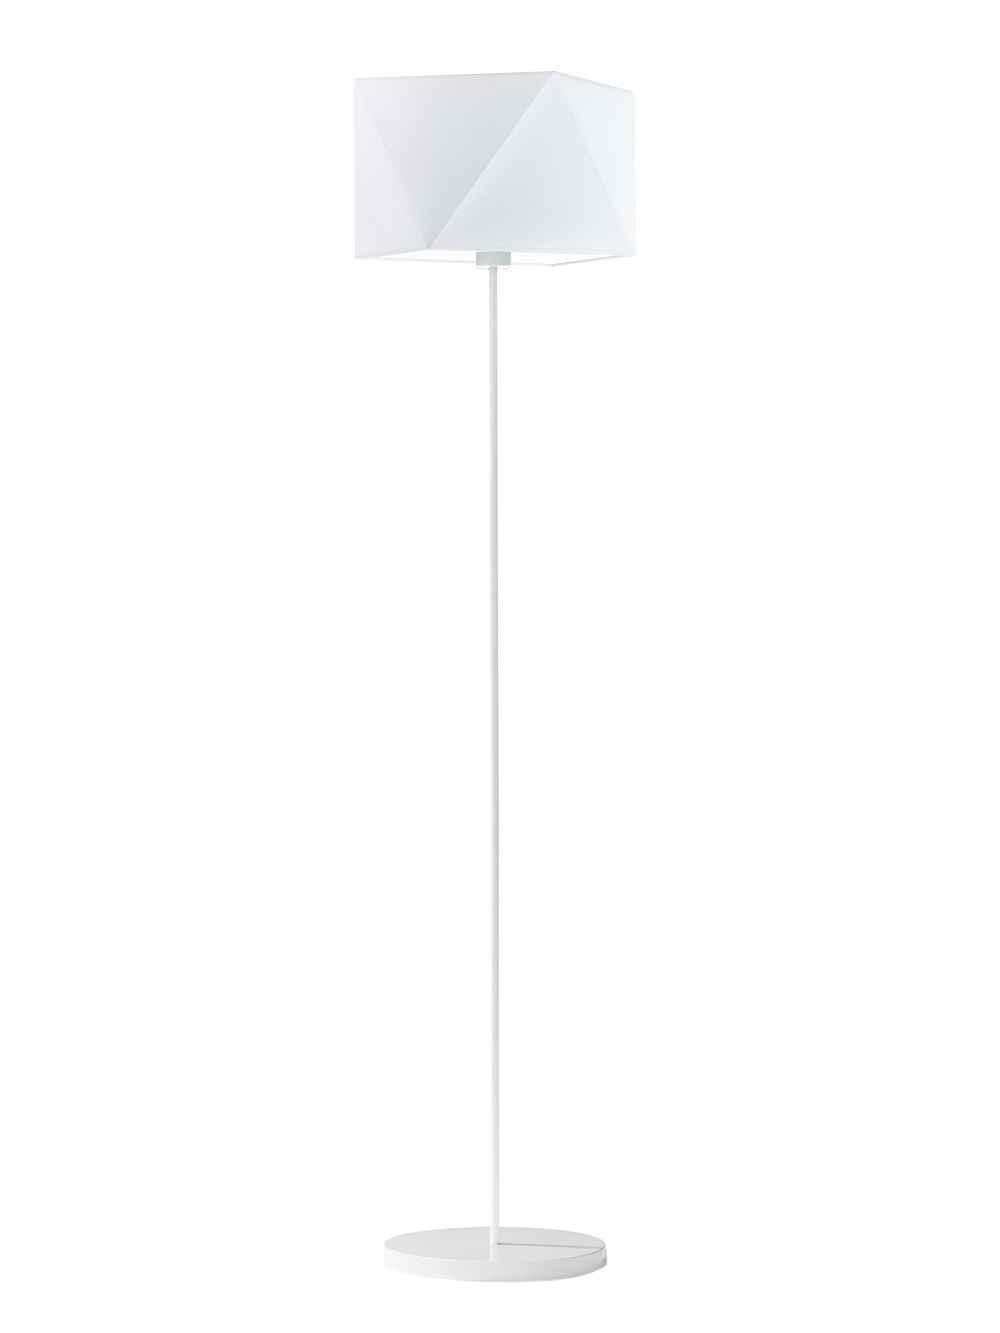 Lampa stojąca abażurowa diament BURNE! Częstochowa - zdjęcie 2